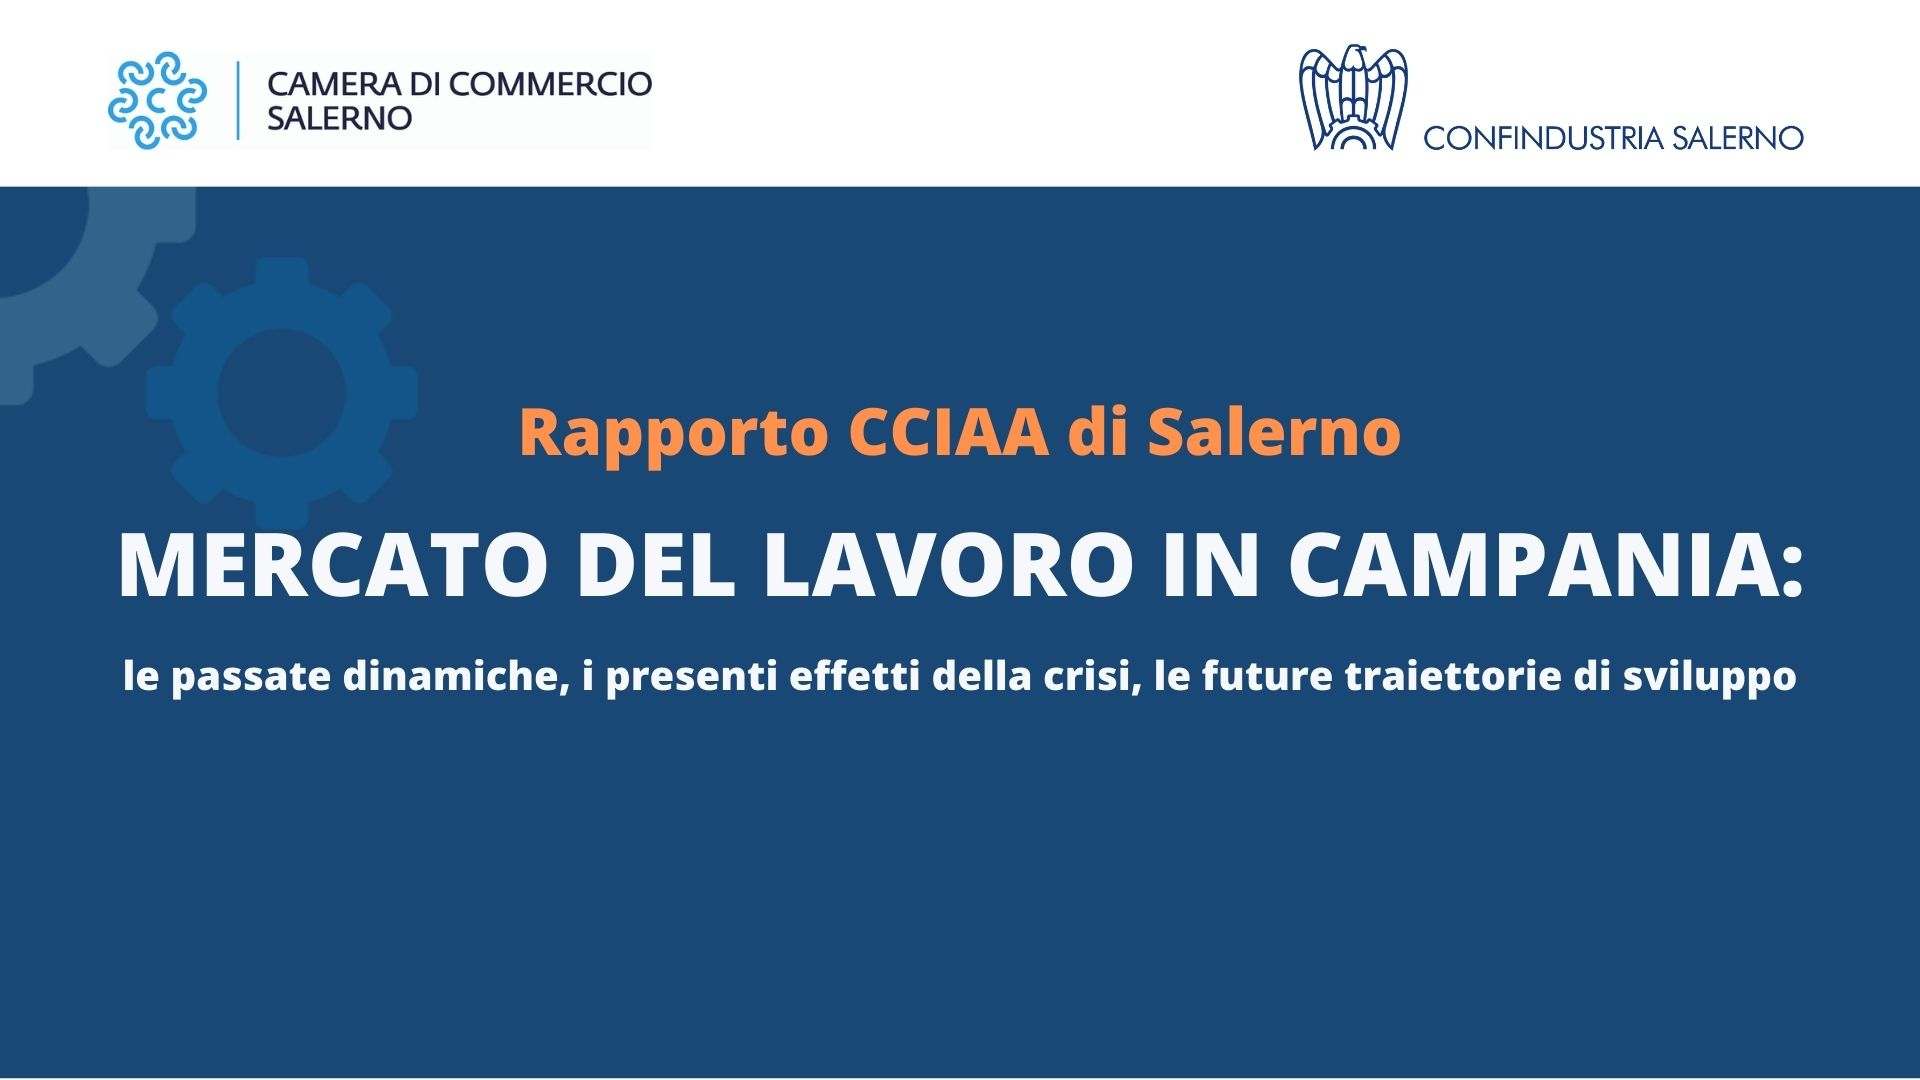 Il mercato del lavoro in Campania